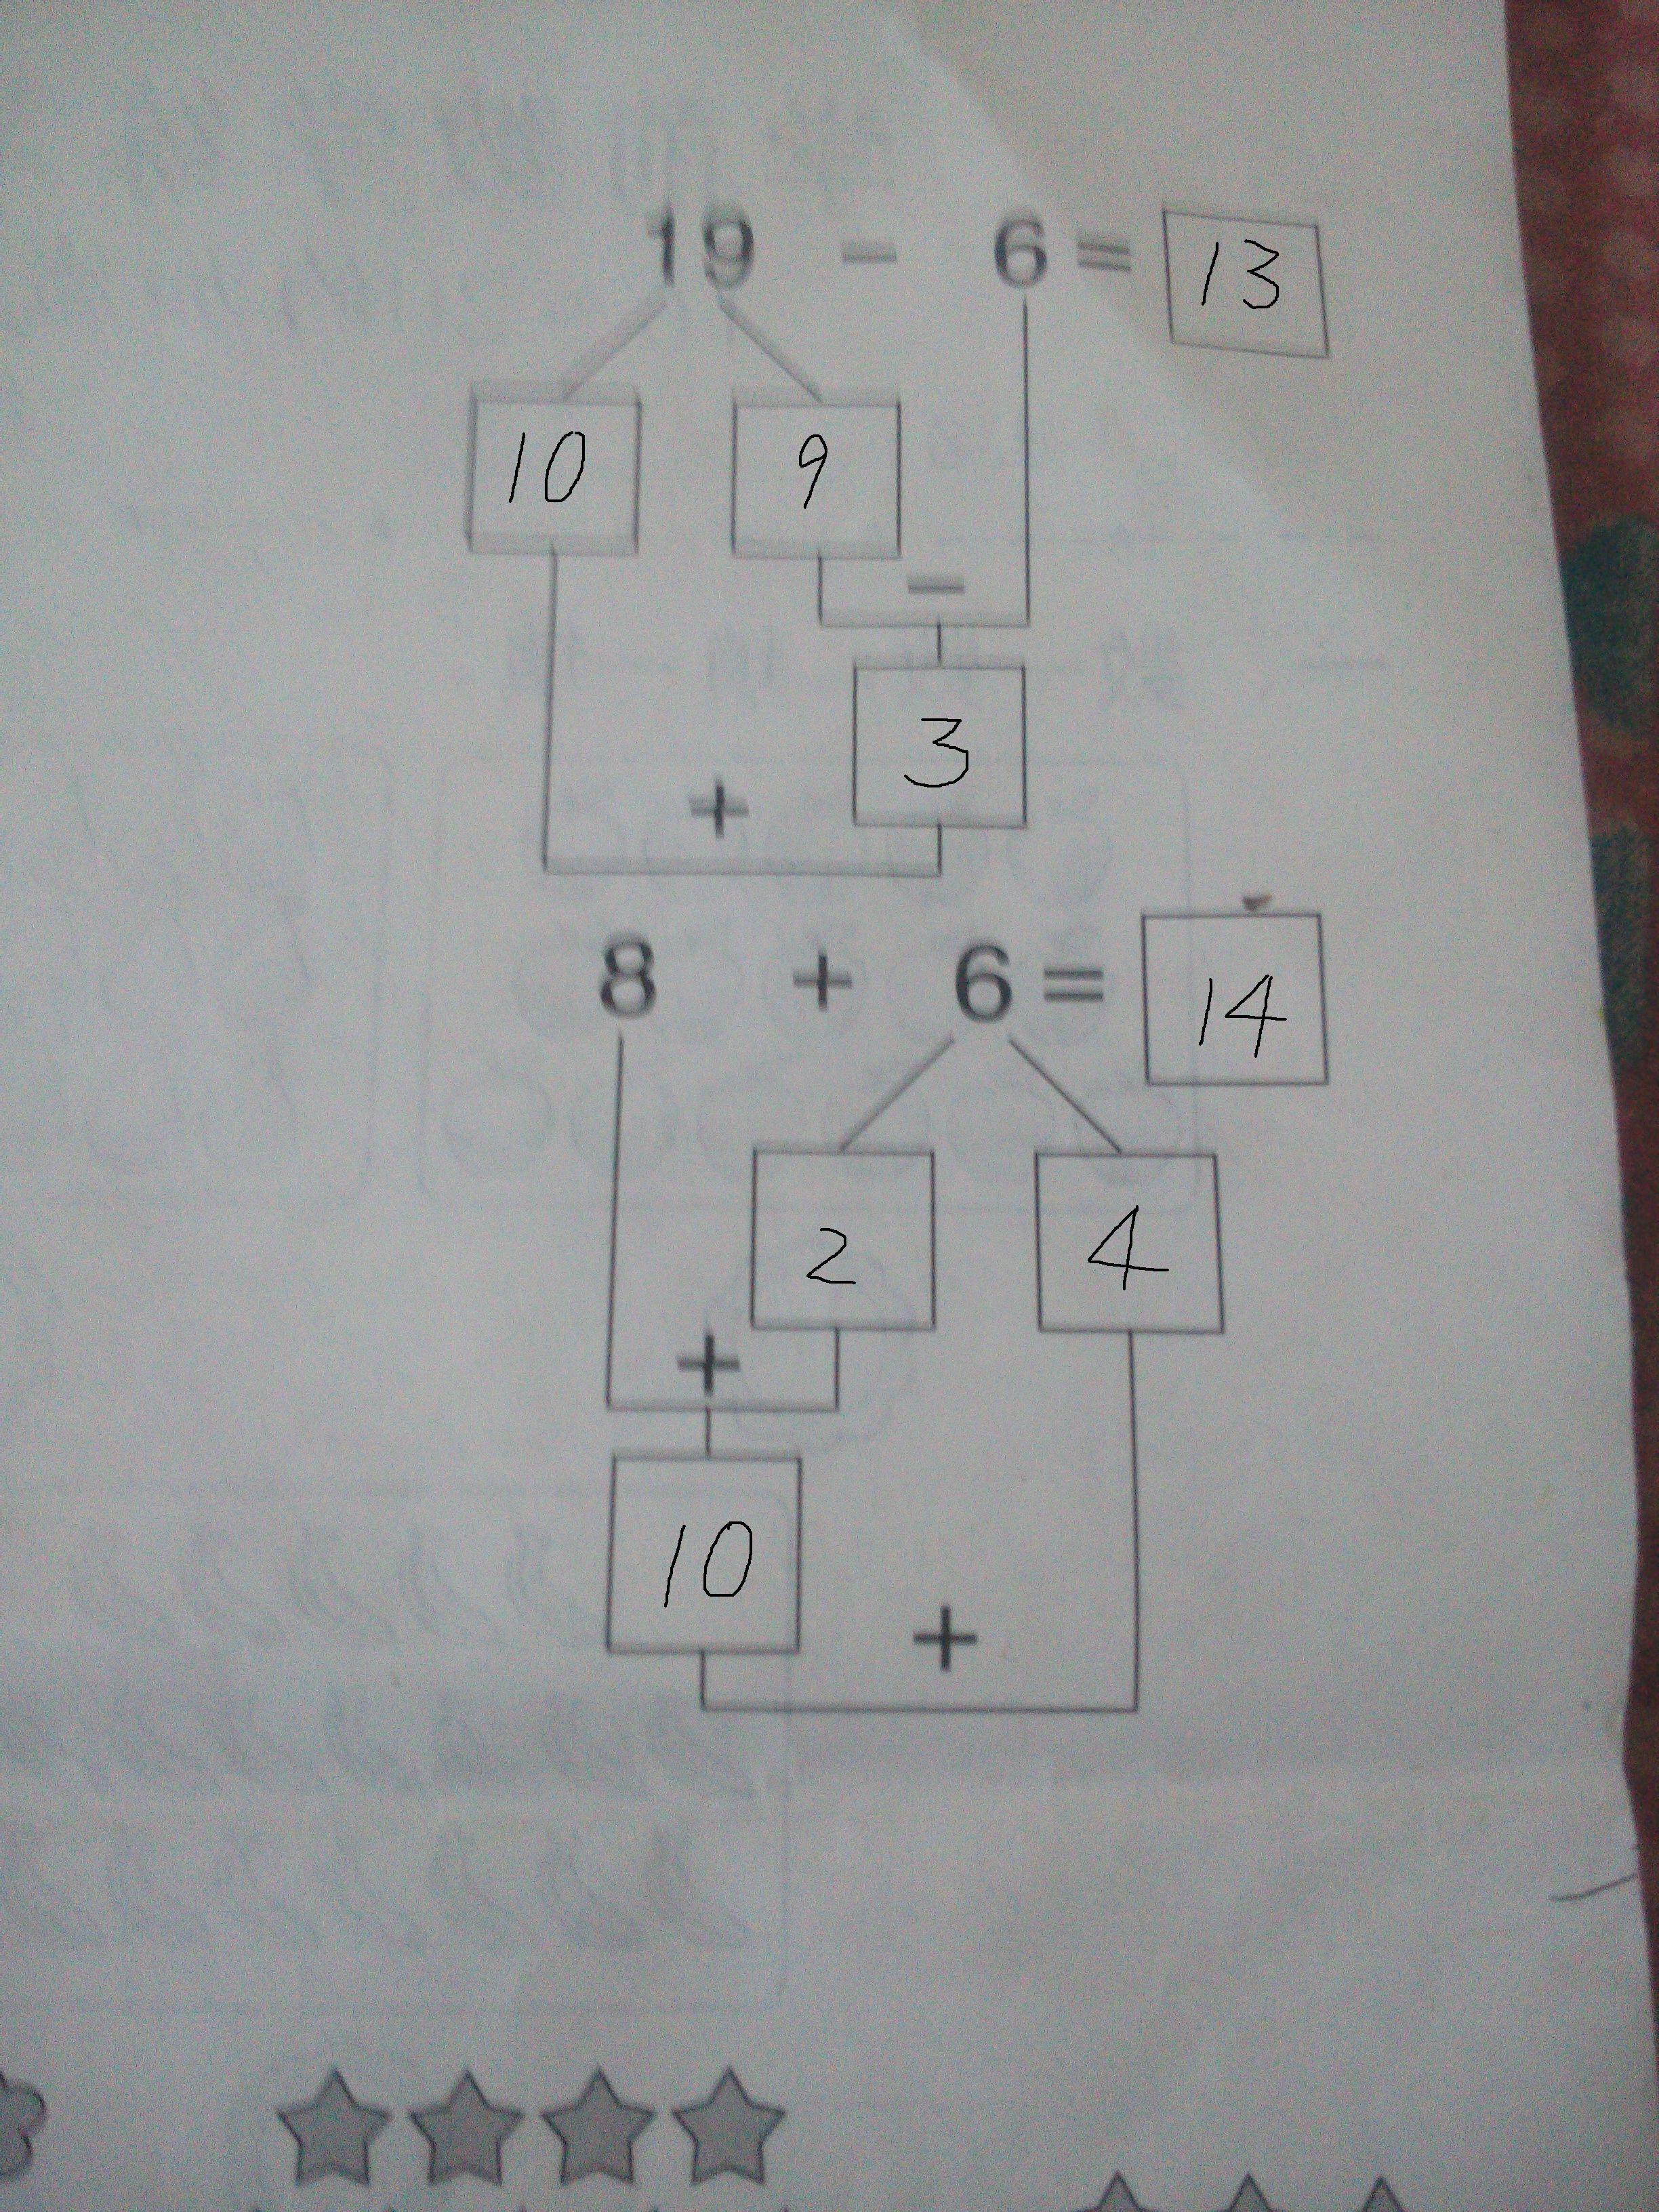 http://hiphotos.baidu.com/doc/pic/item/55e736d12f2eb938a2640fb6df628535e5dd6f6c.jpg_hiphotos.baidu.